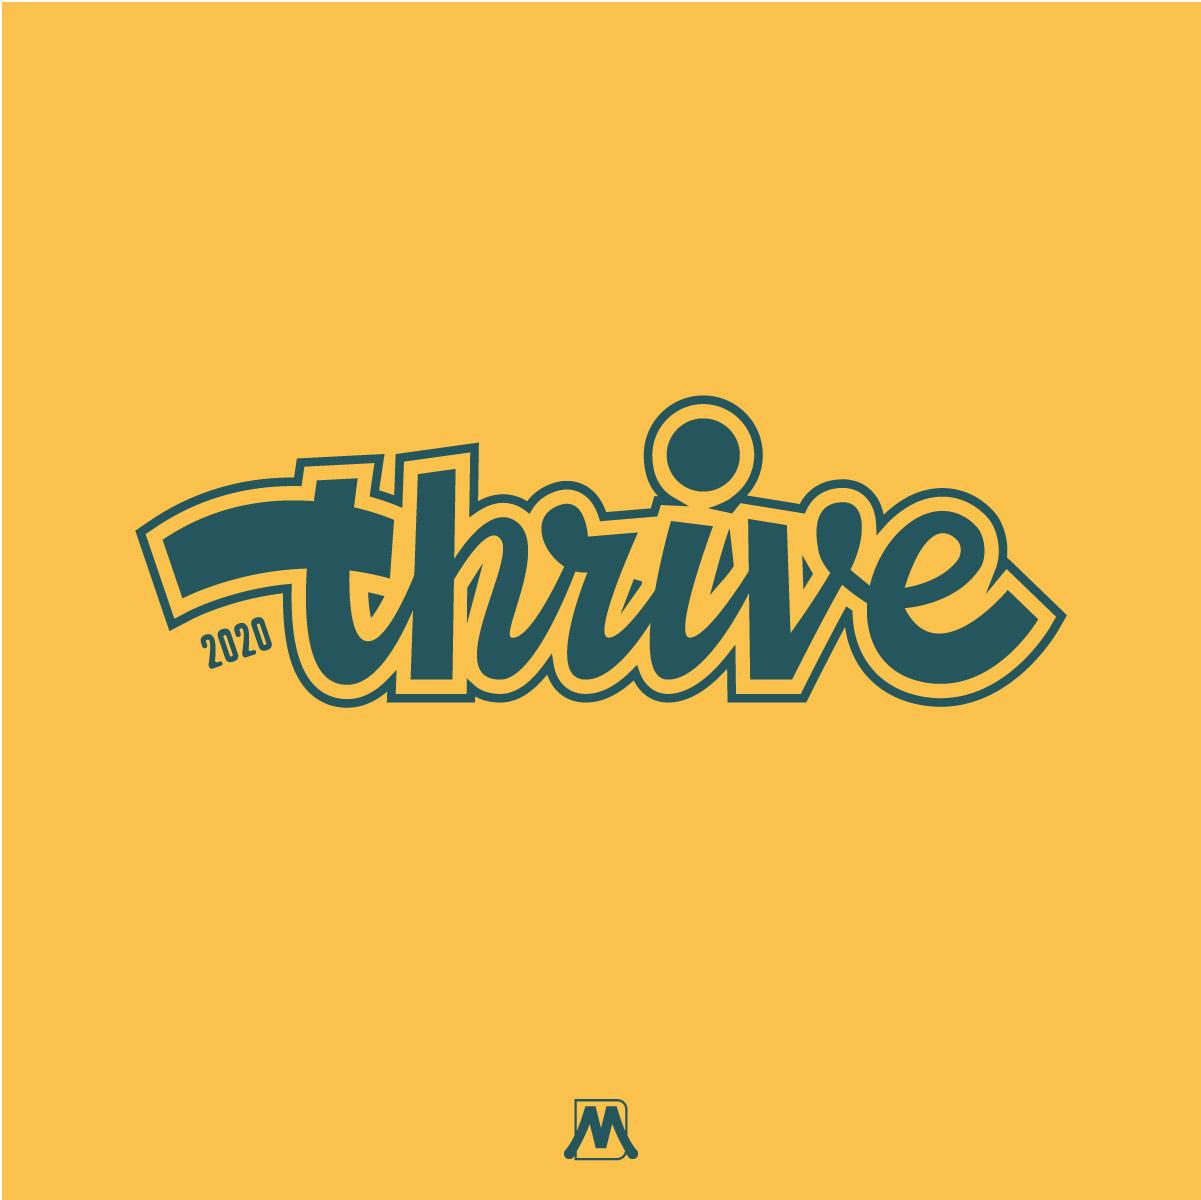 Thrive hand lettered logo design